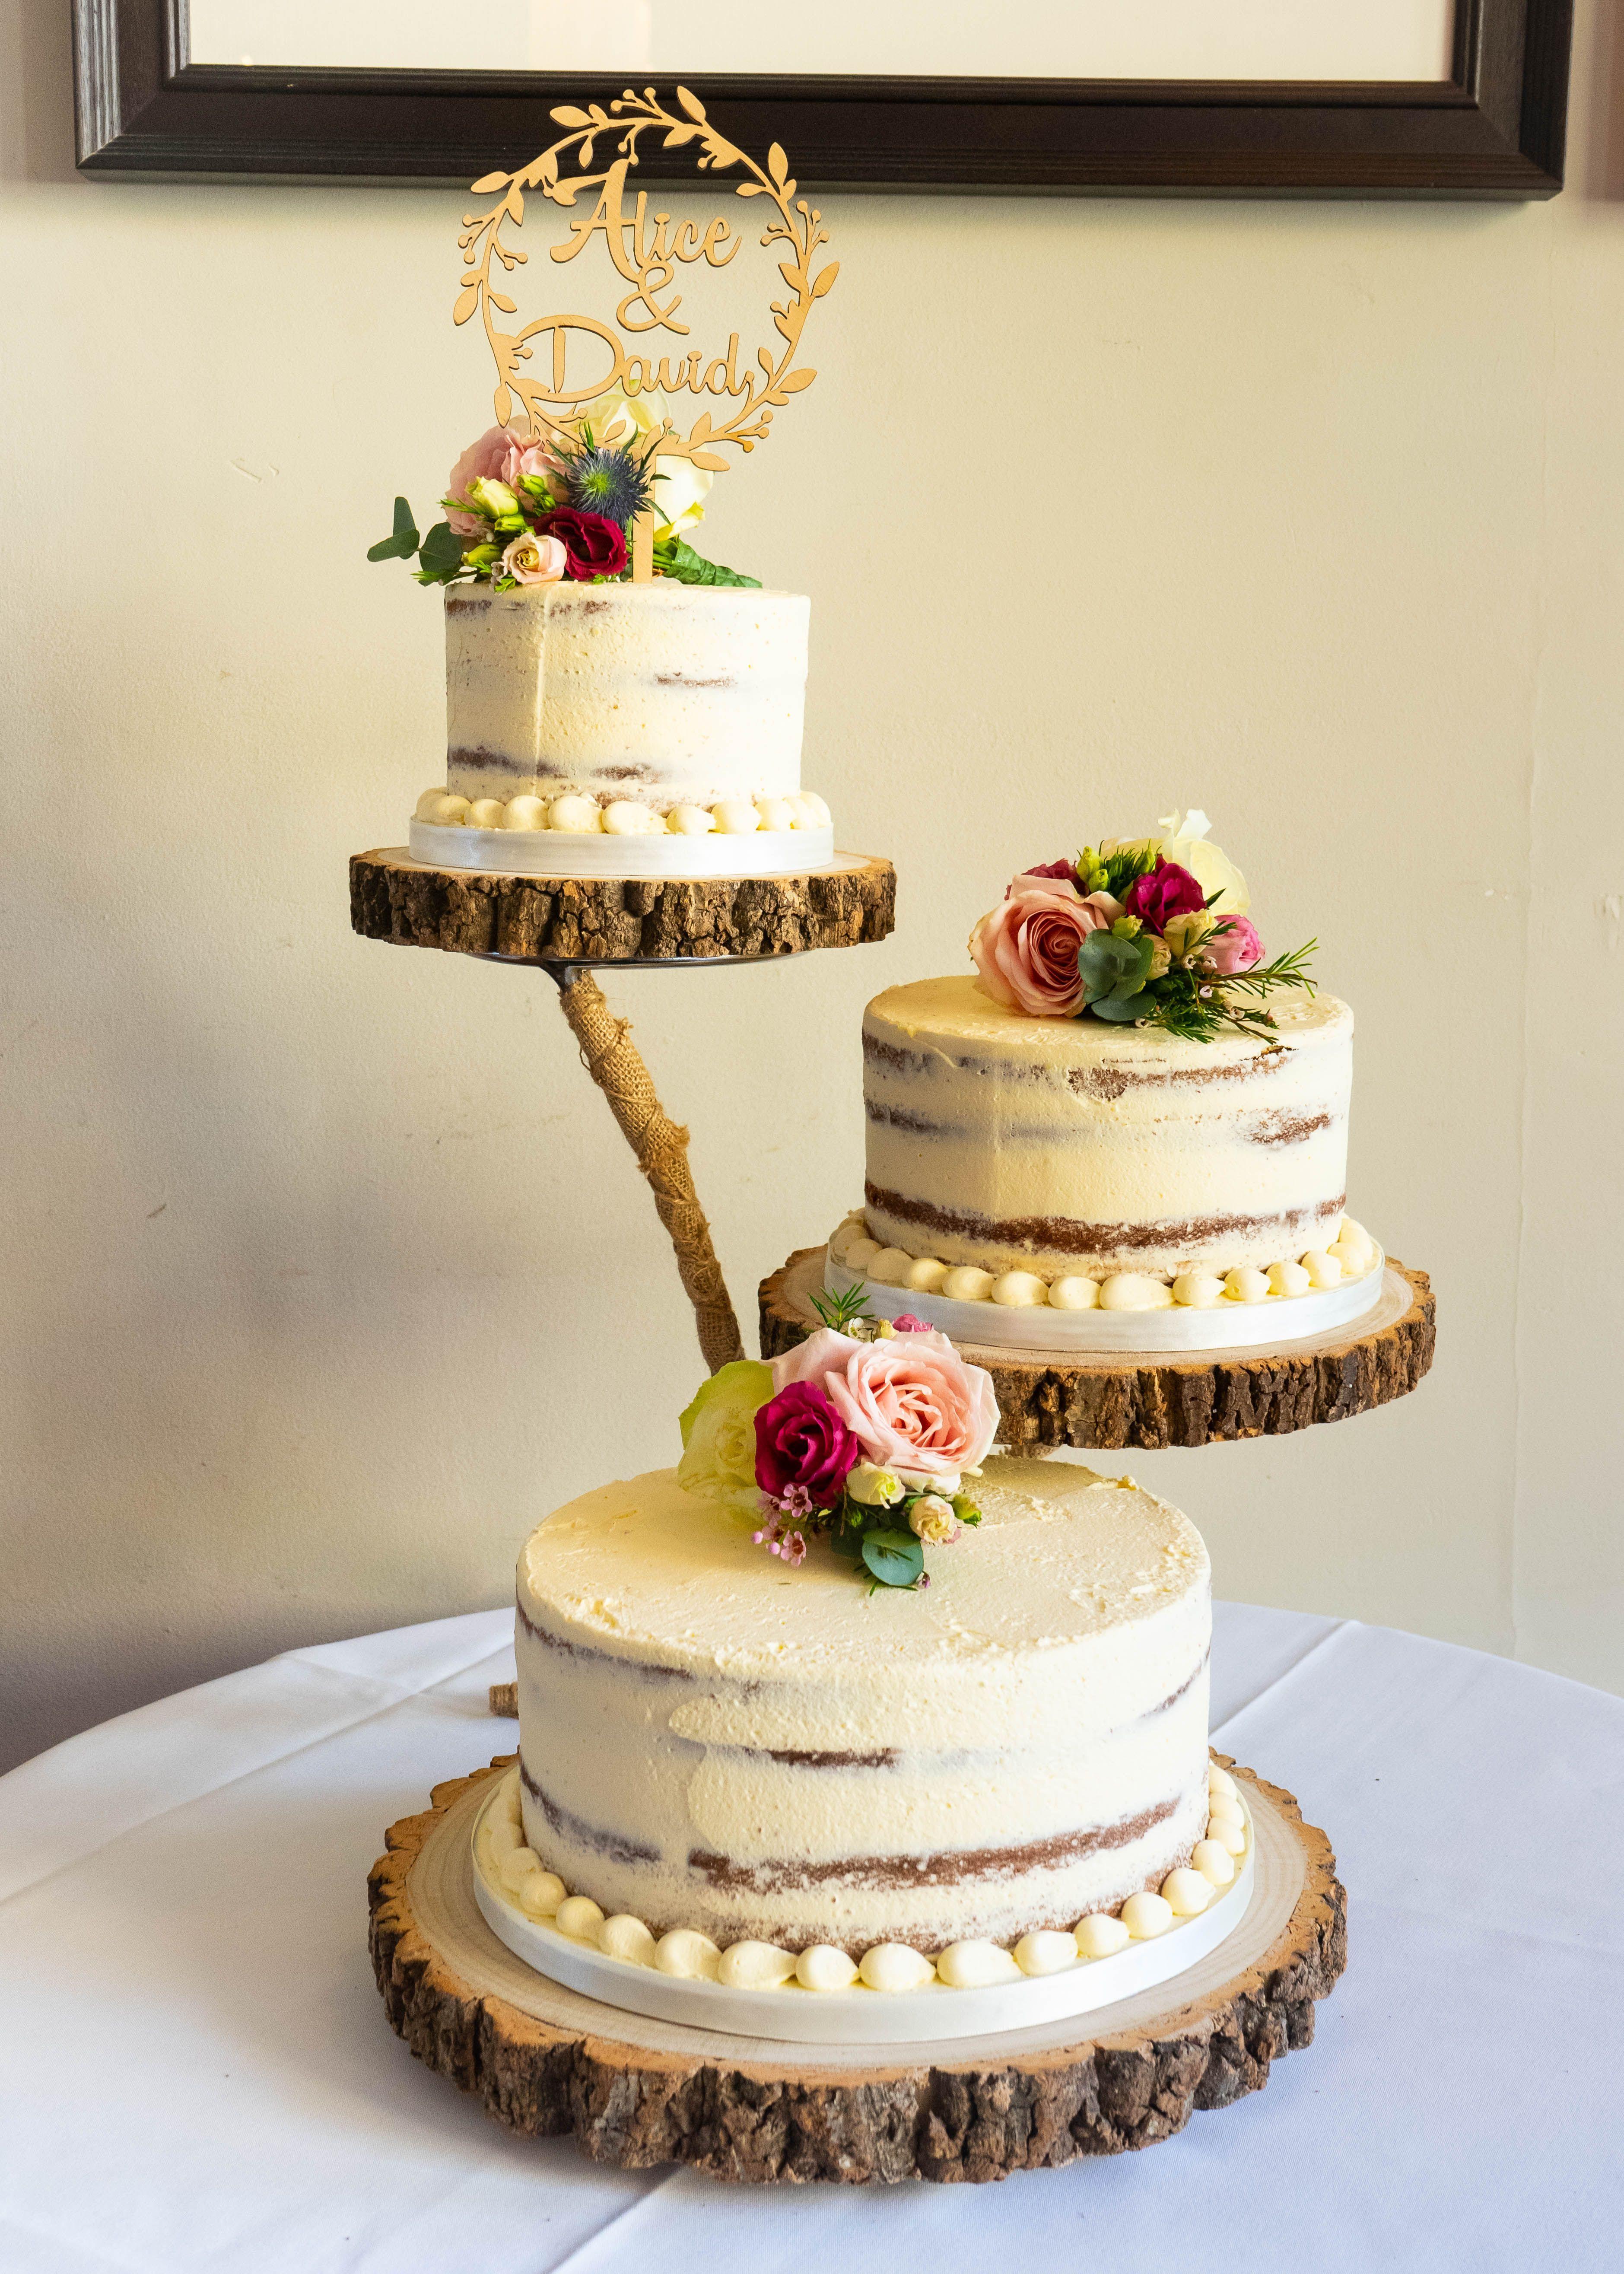 Pin on Cake Cake Cake!